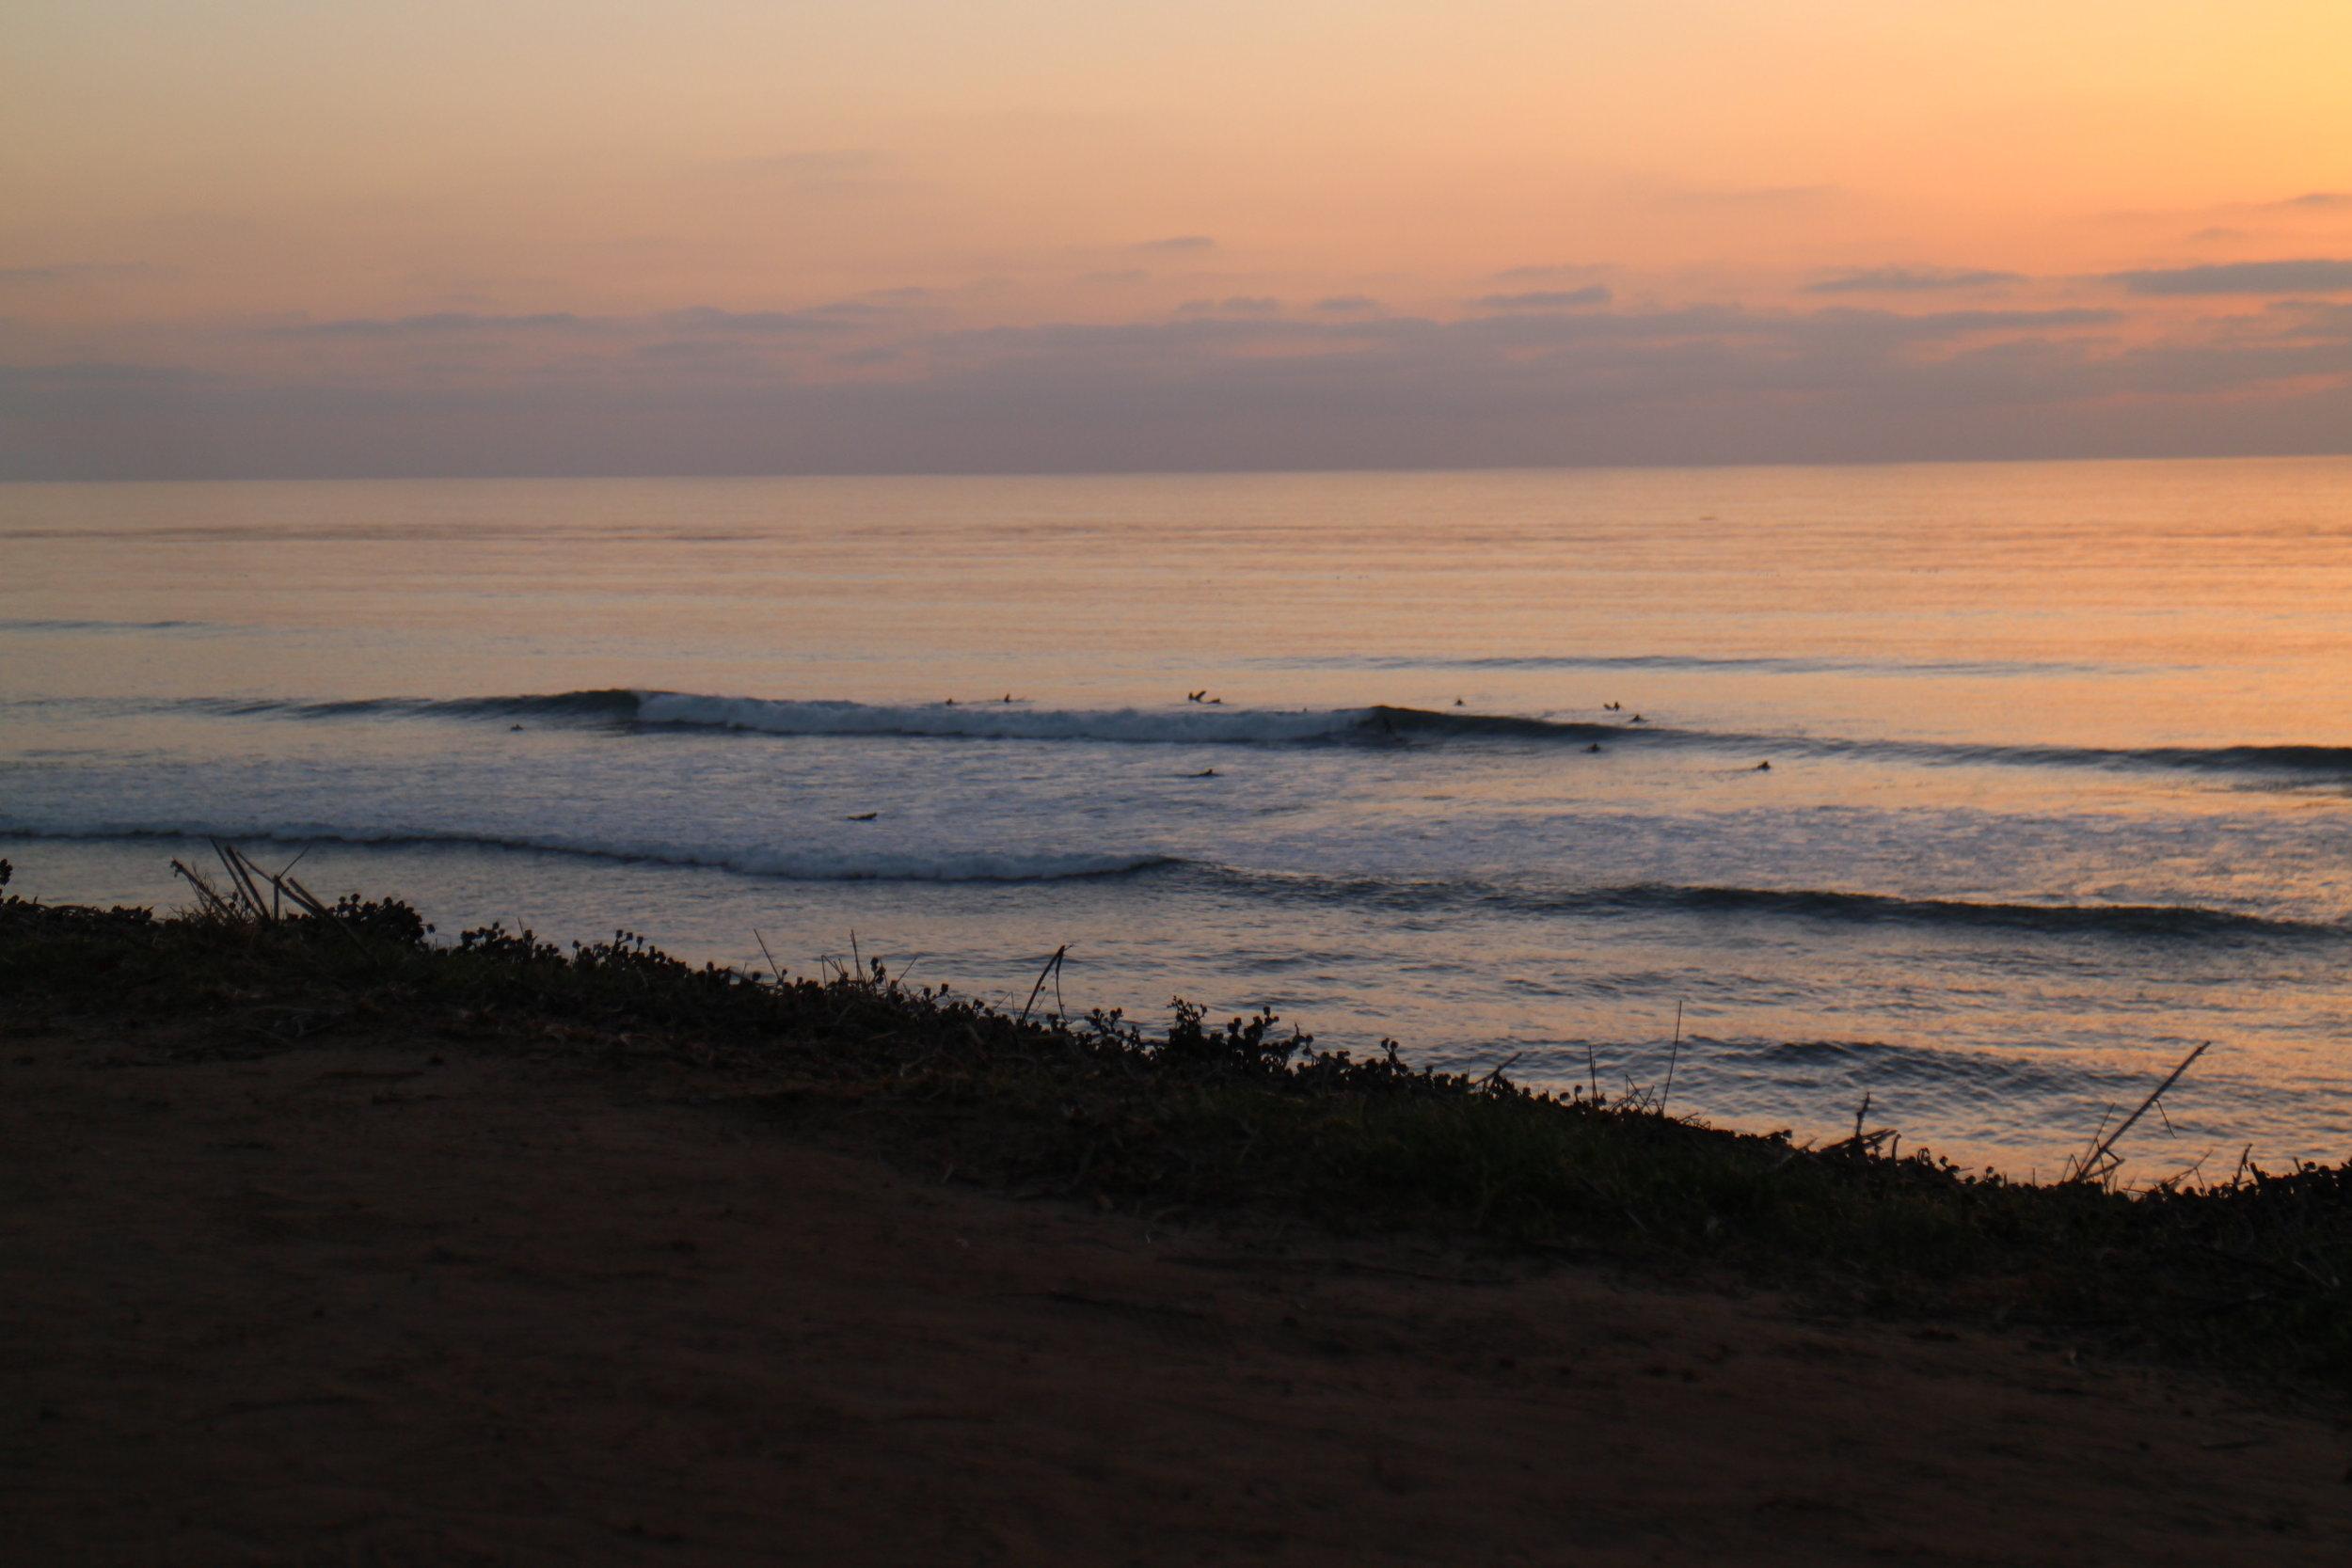 Sunset Cliffs are a popular surf spot.